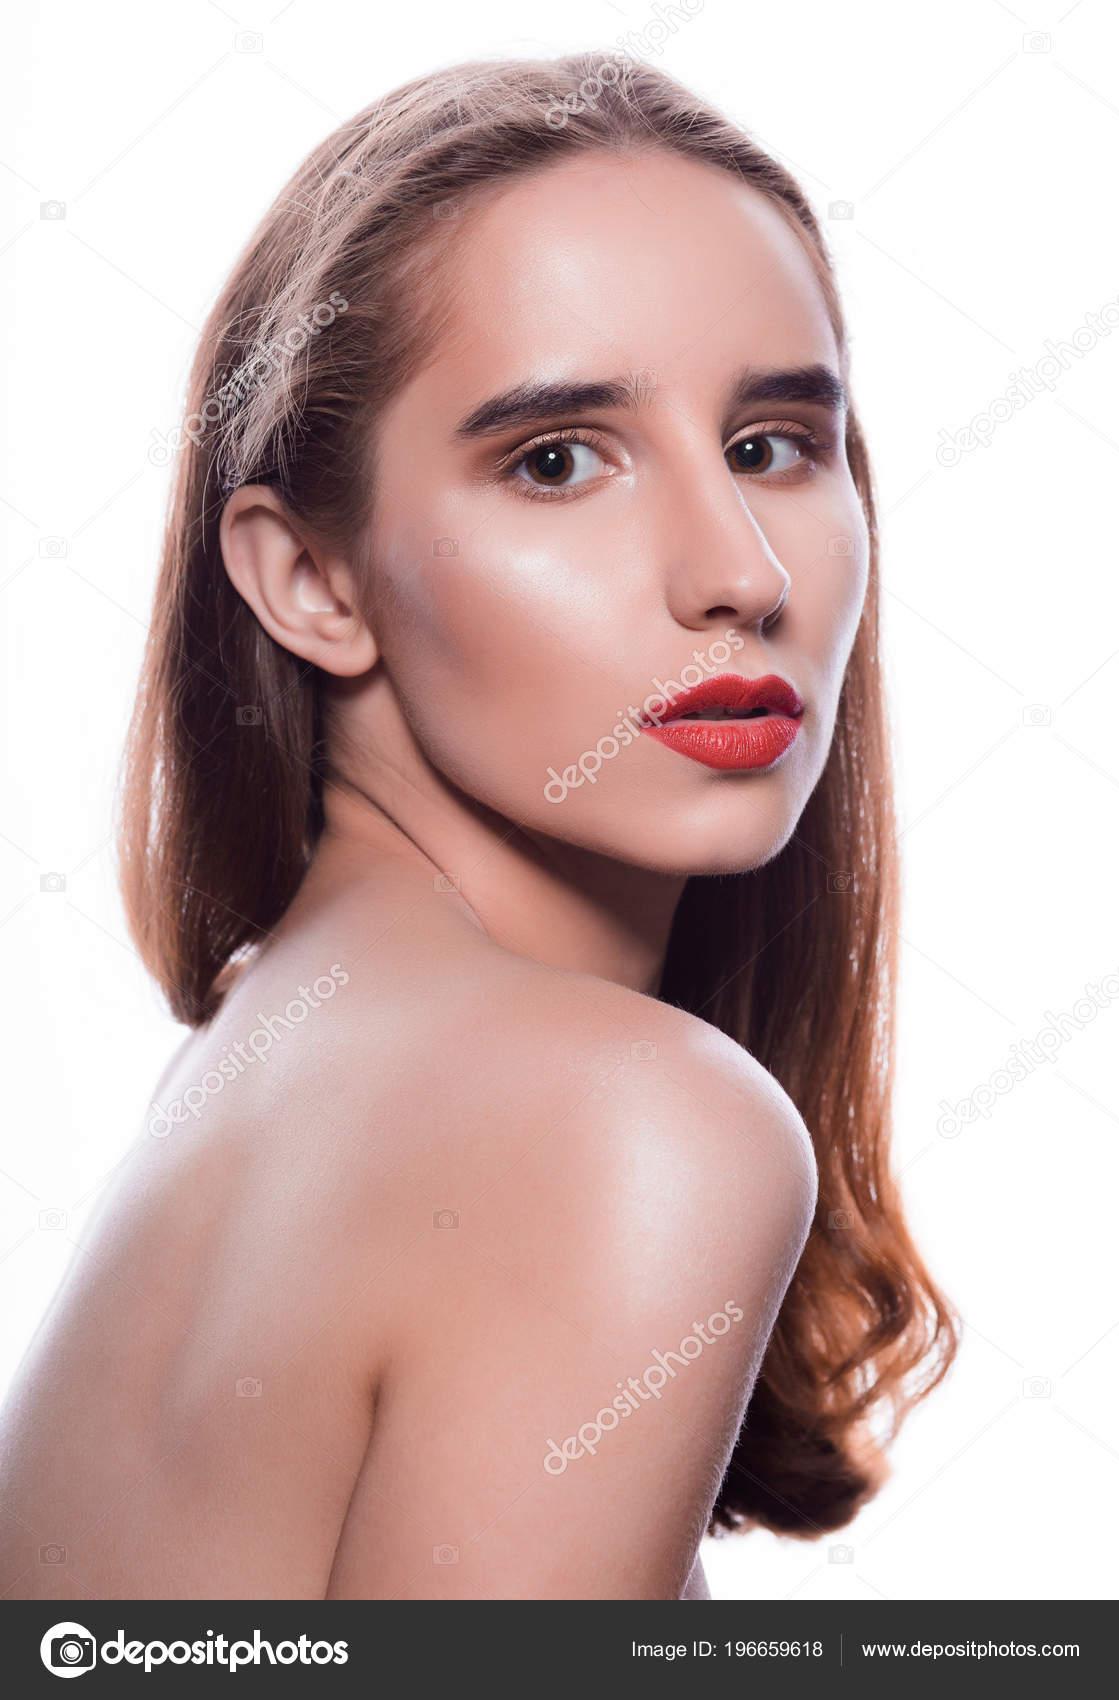 Μελαχρινή γυμνό μοντέλο